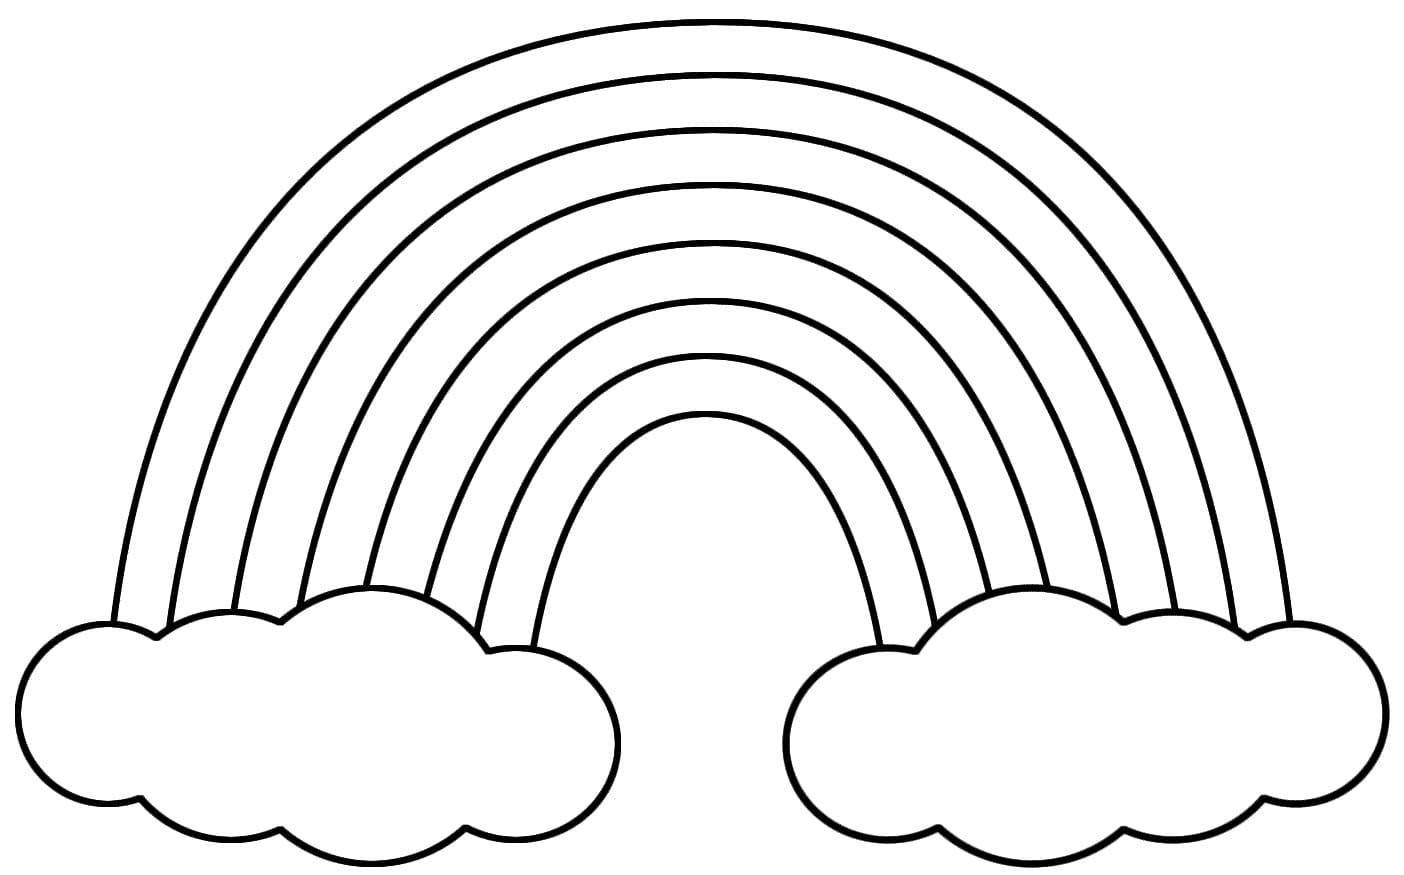 Ausmalbilder Regenbogen . Drucken Sie Kostenlos Auf Der Website über Regenbogen Ausmalbild